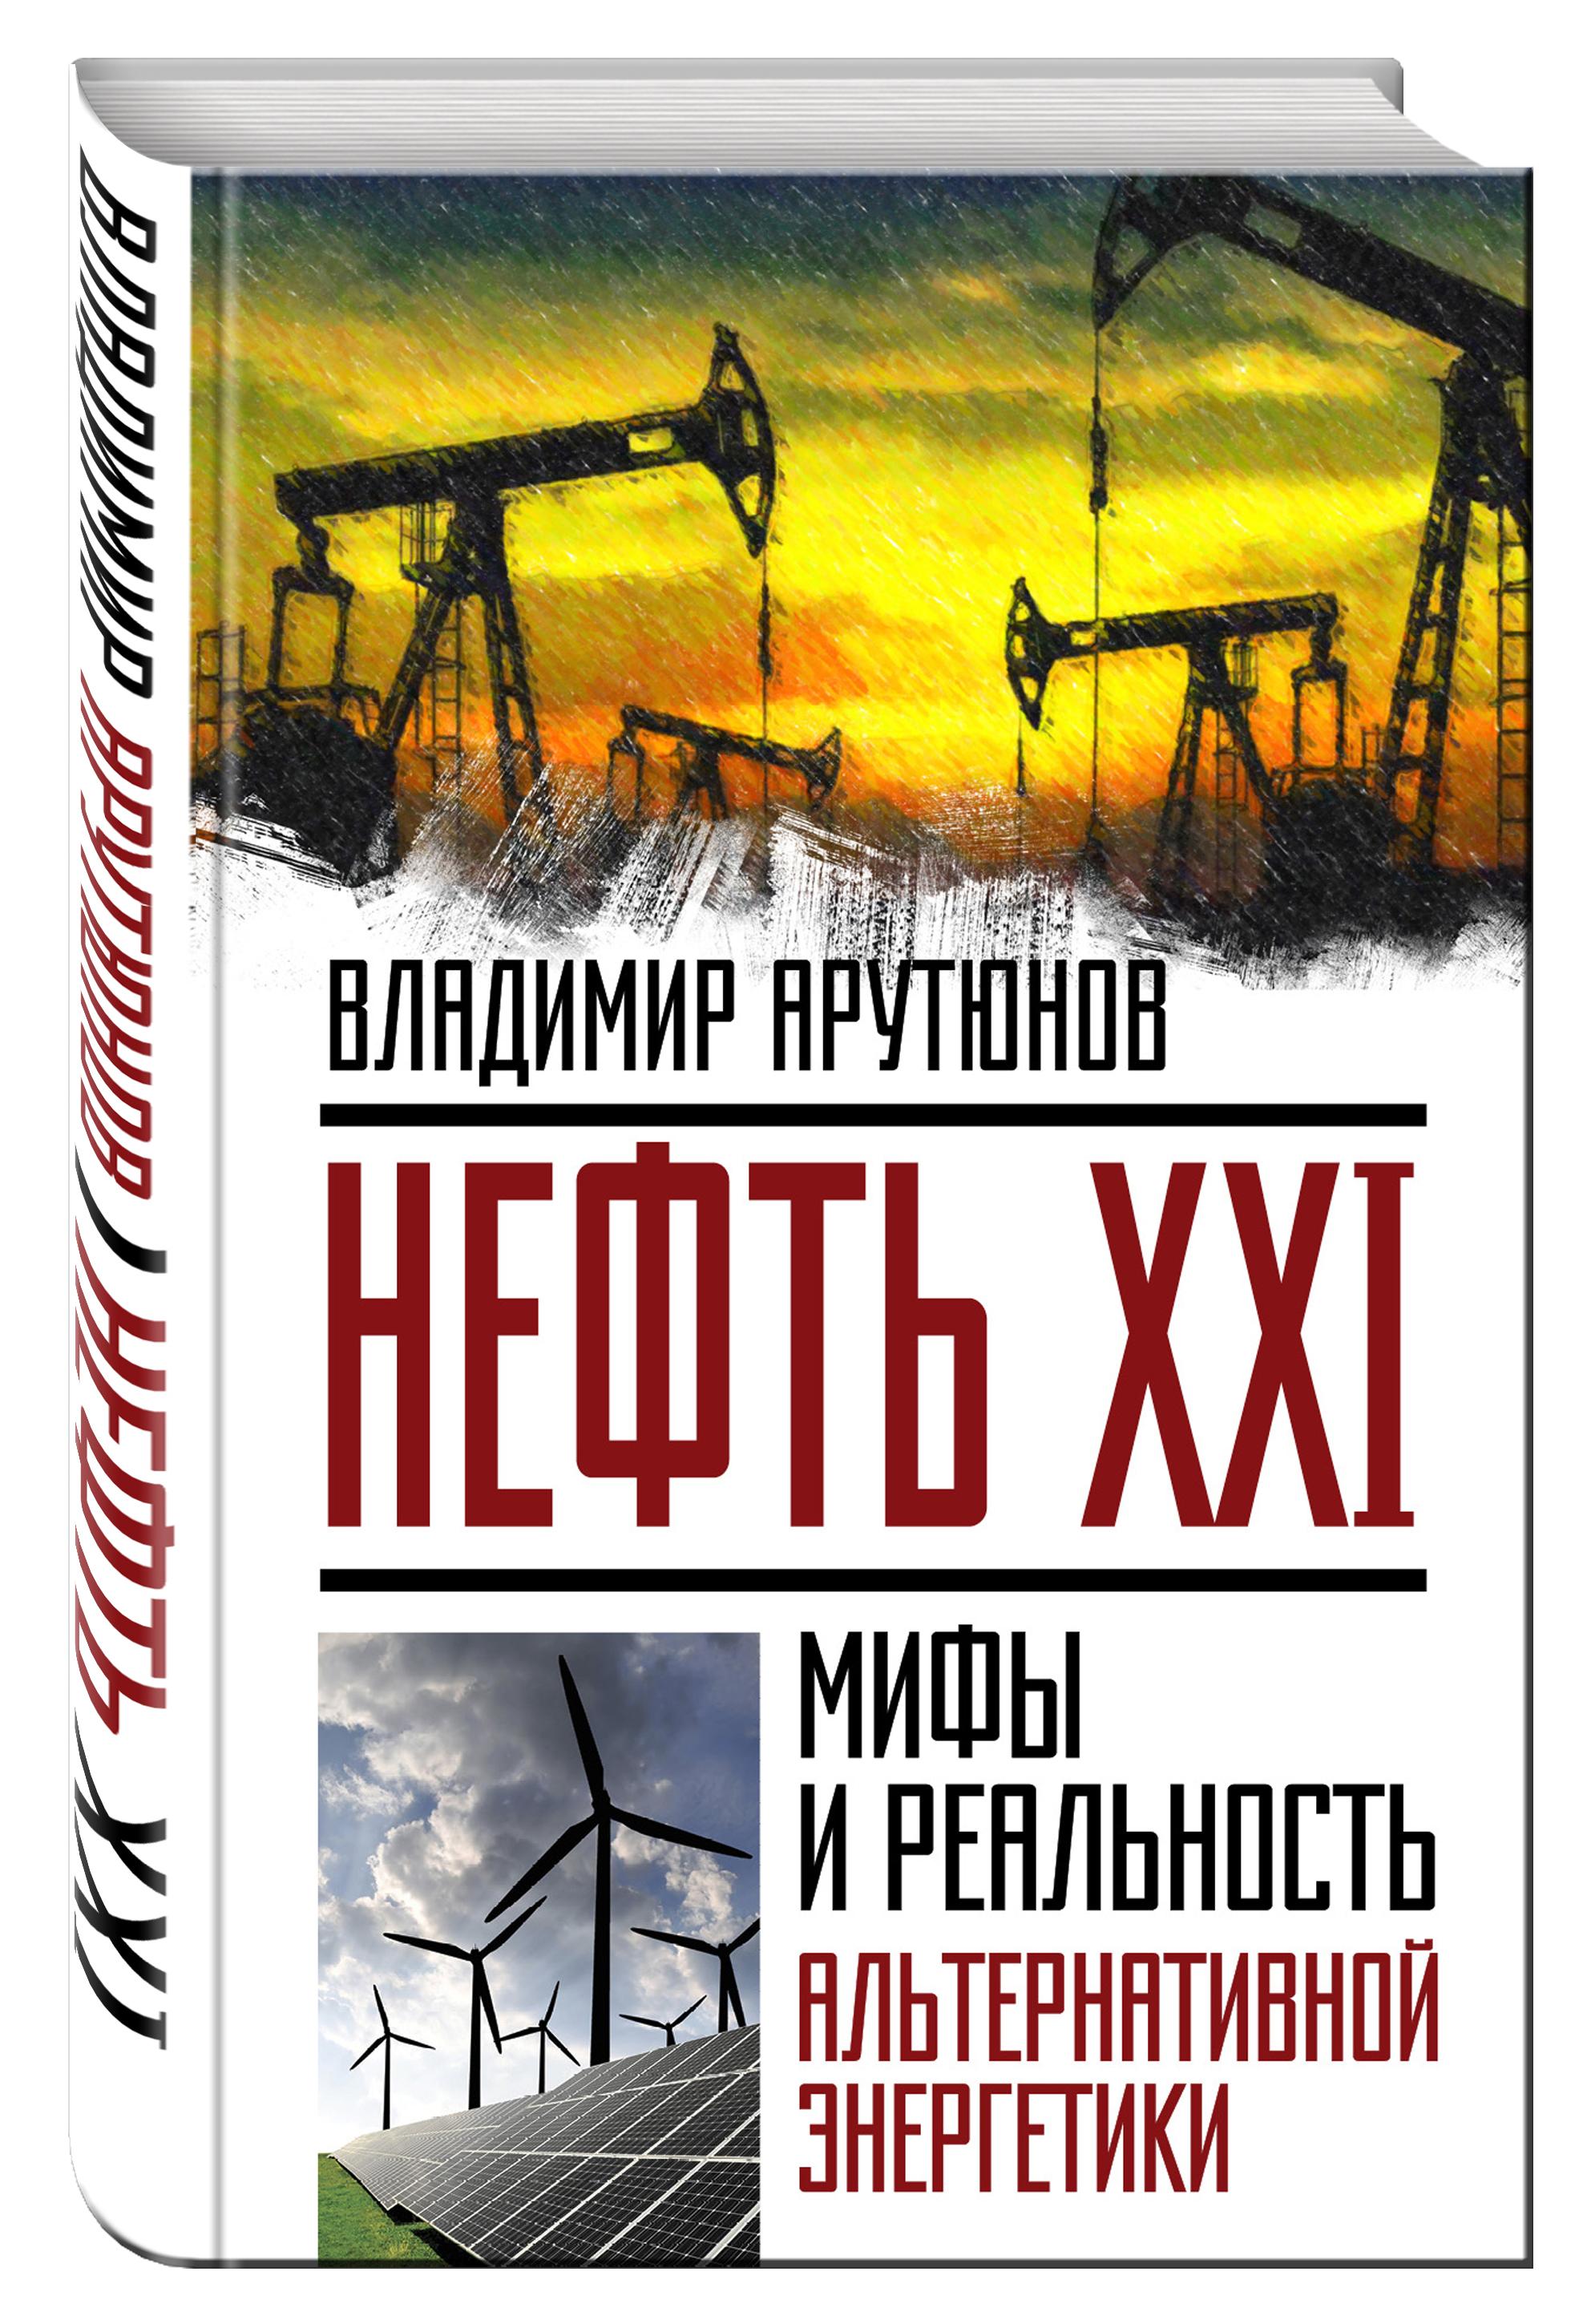 Арутюнов В.С. Нефть XXI. Мифы и реальность альтернативной энергетики арутюнов в нефть xxi мифы и реальность альтернативной энергетики